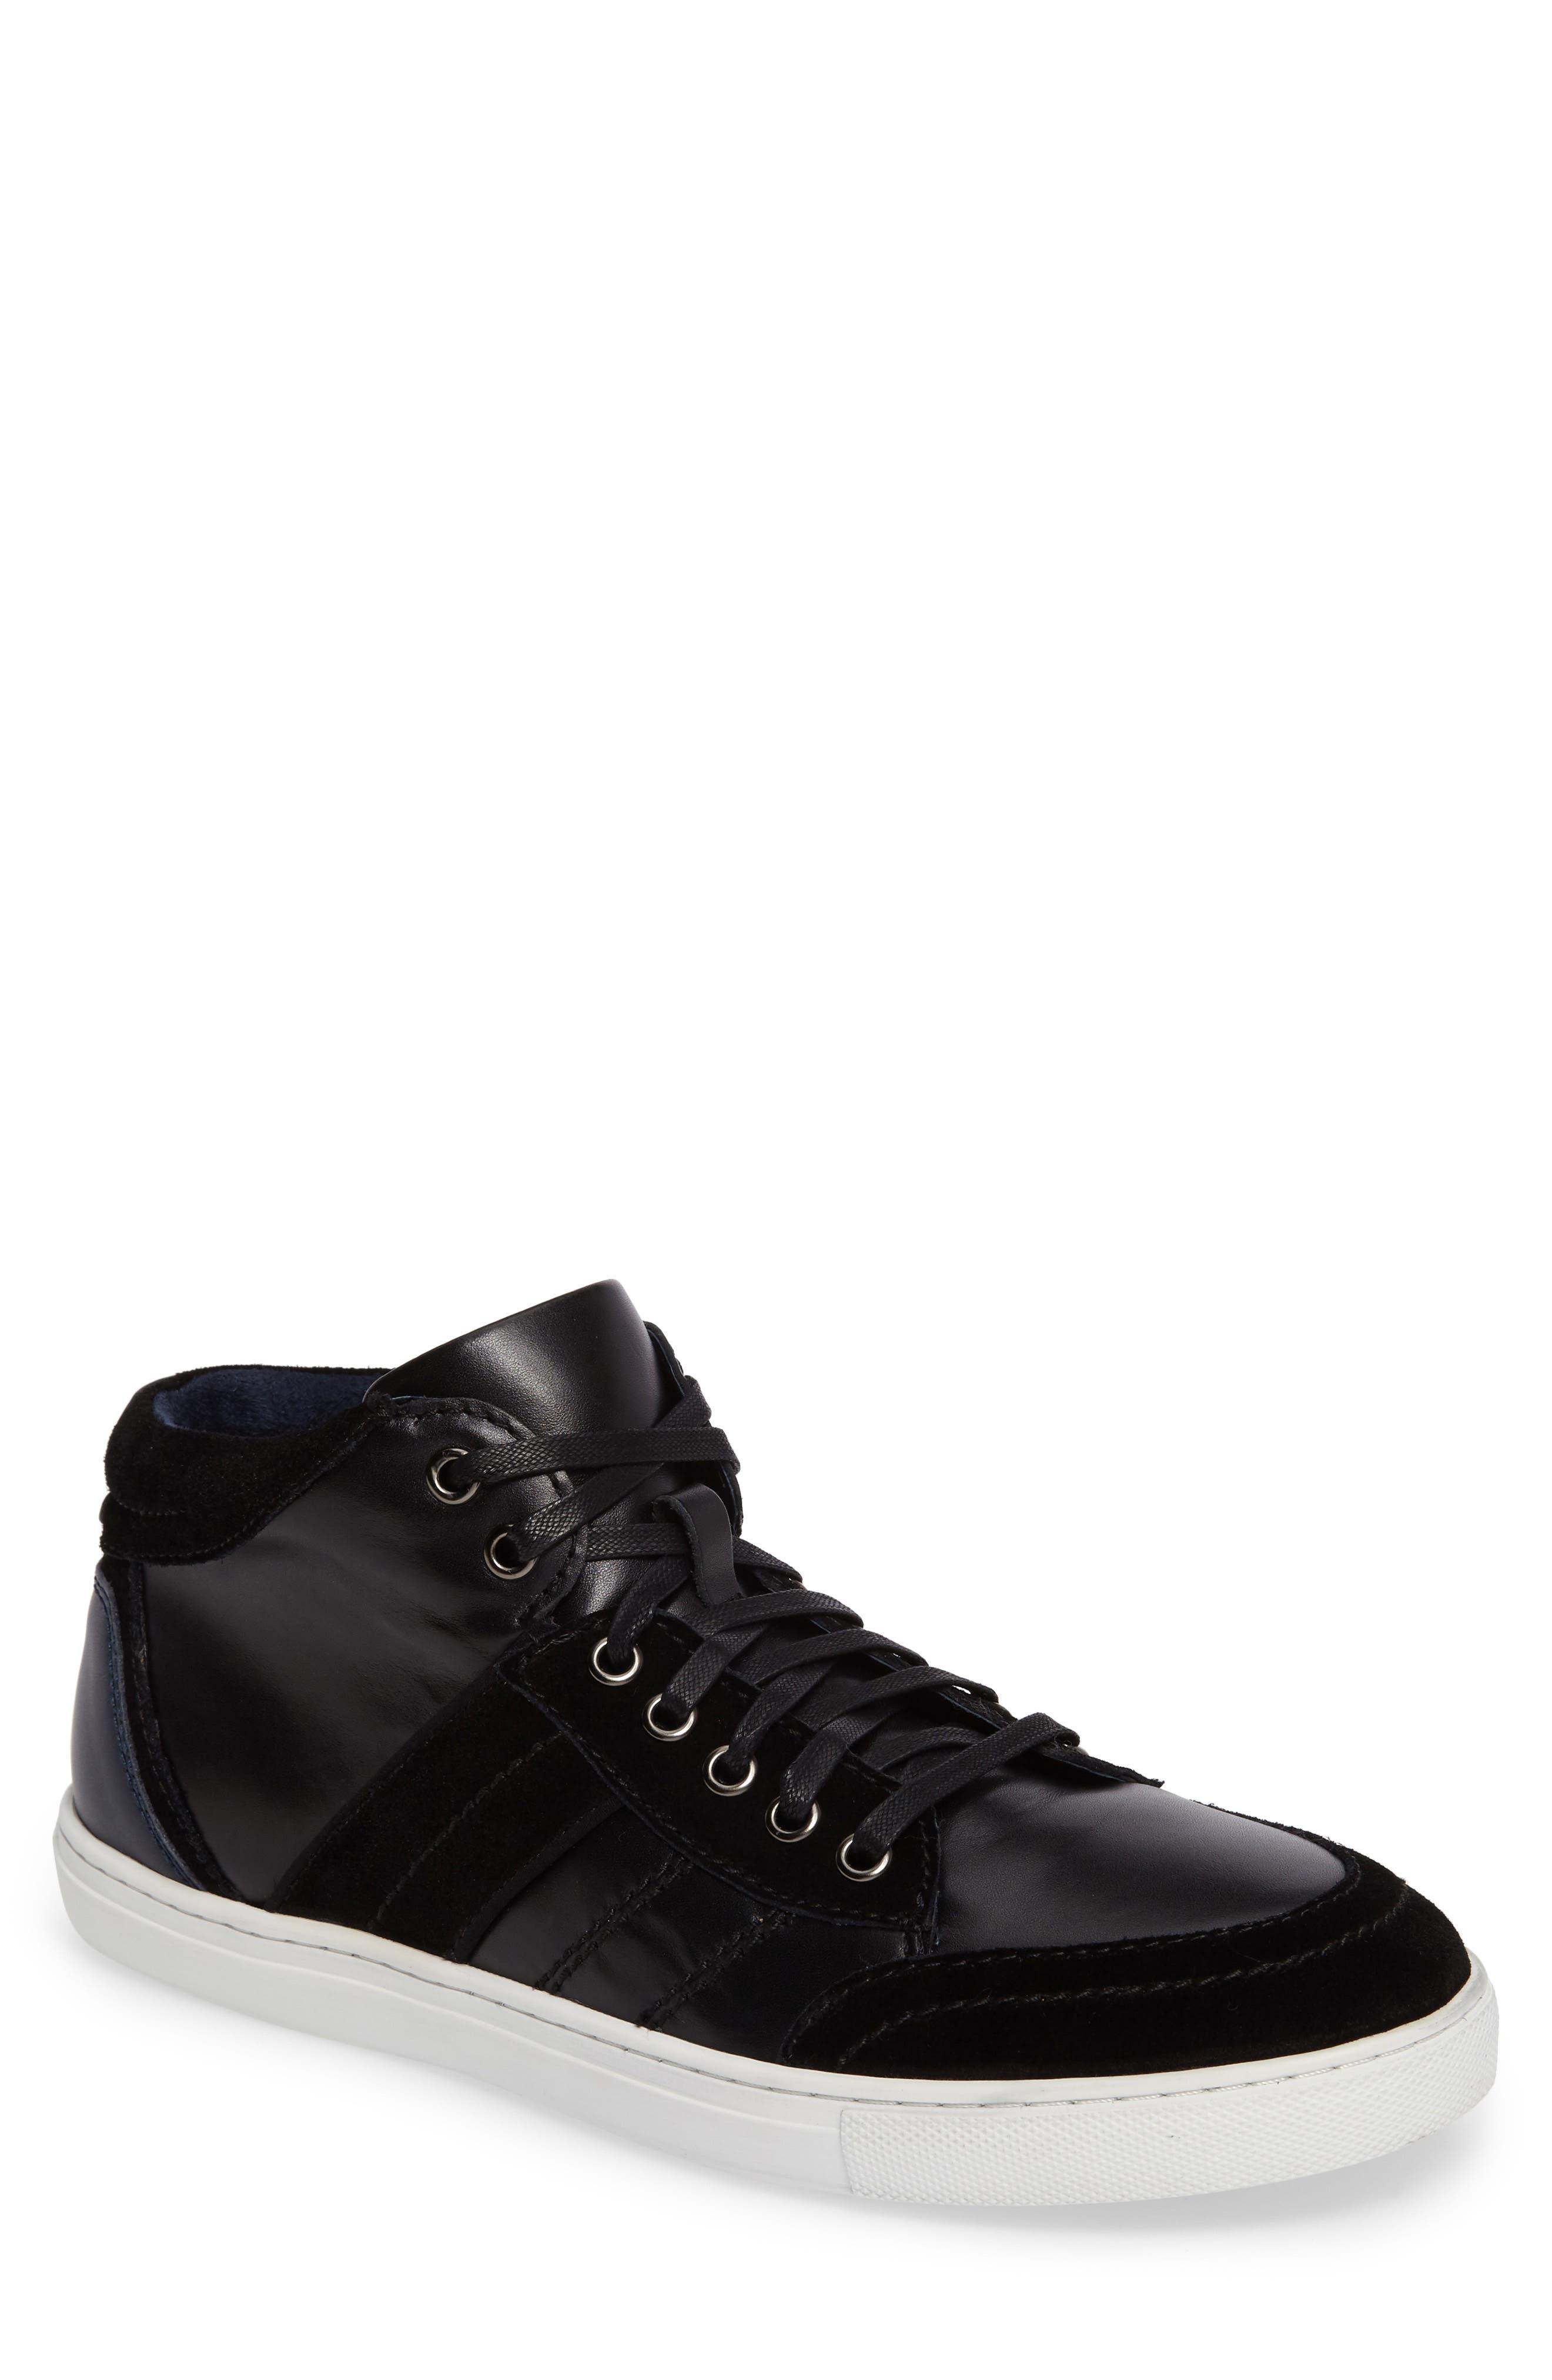 Viper Sneaker,                             Main thumbnail 1, color,                             BLACK